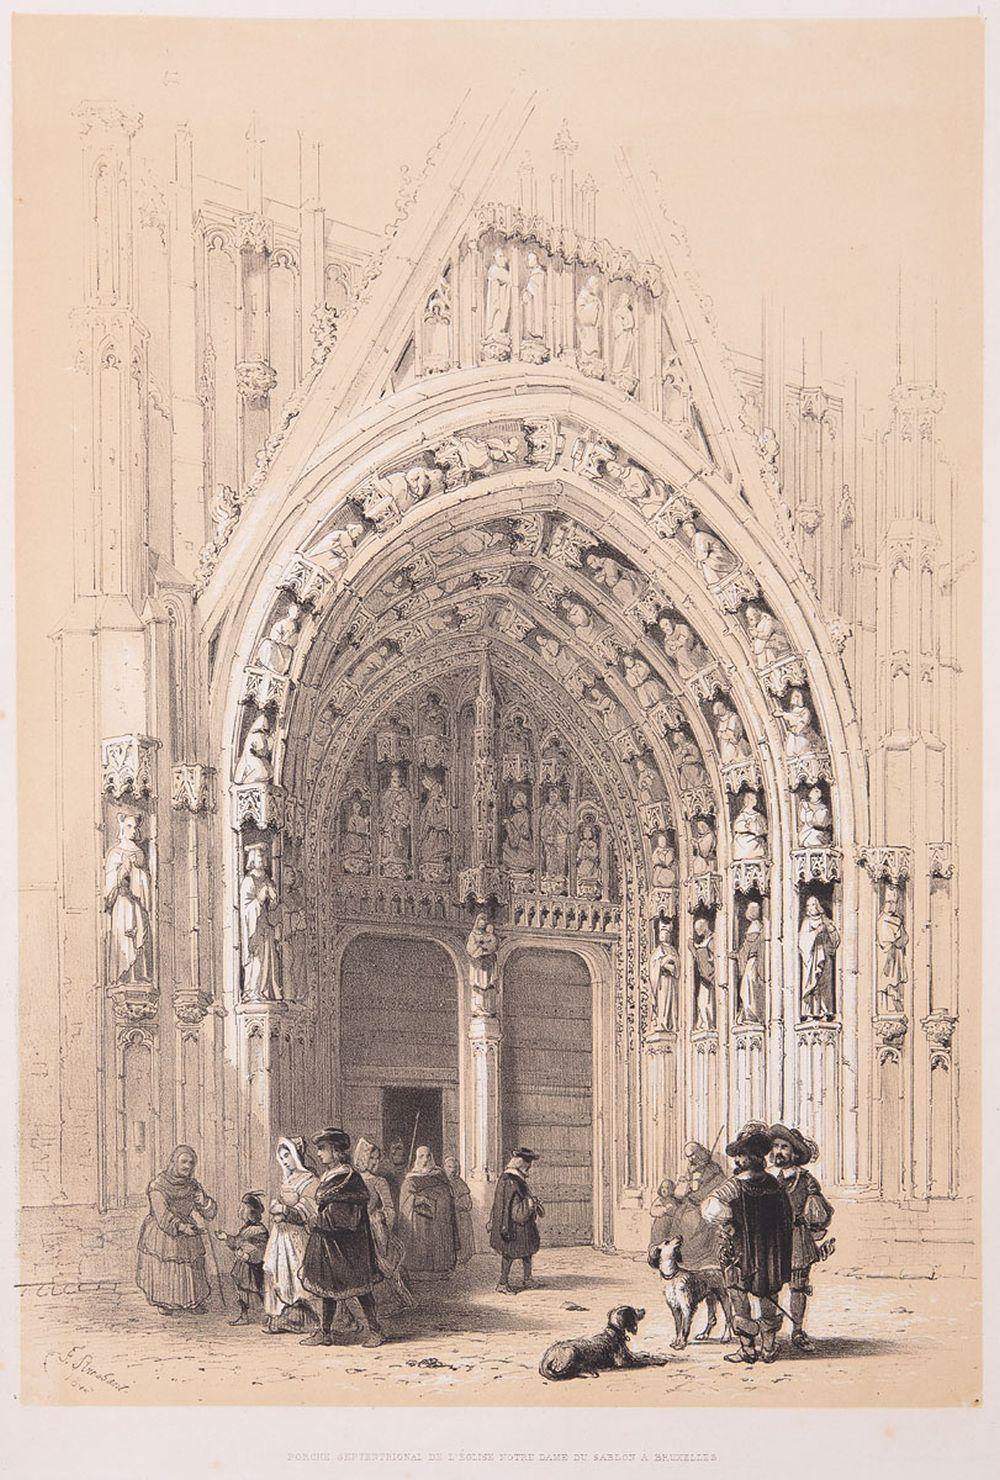 [BELGIQUE] Louis HAGHE - Monuments anciens recueillis e